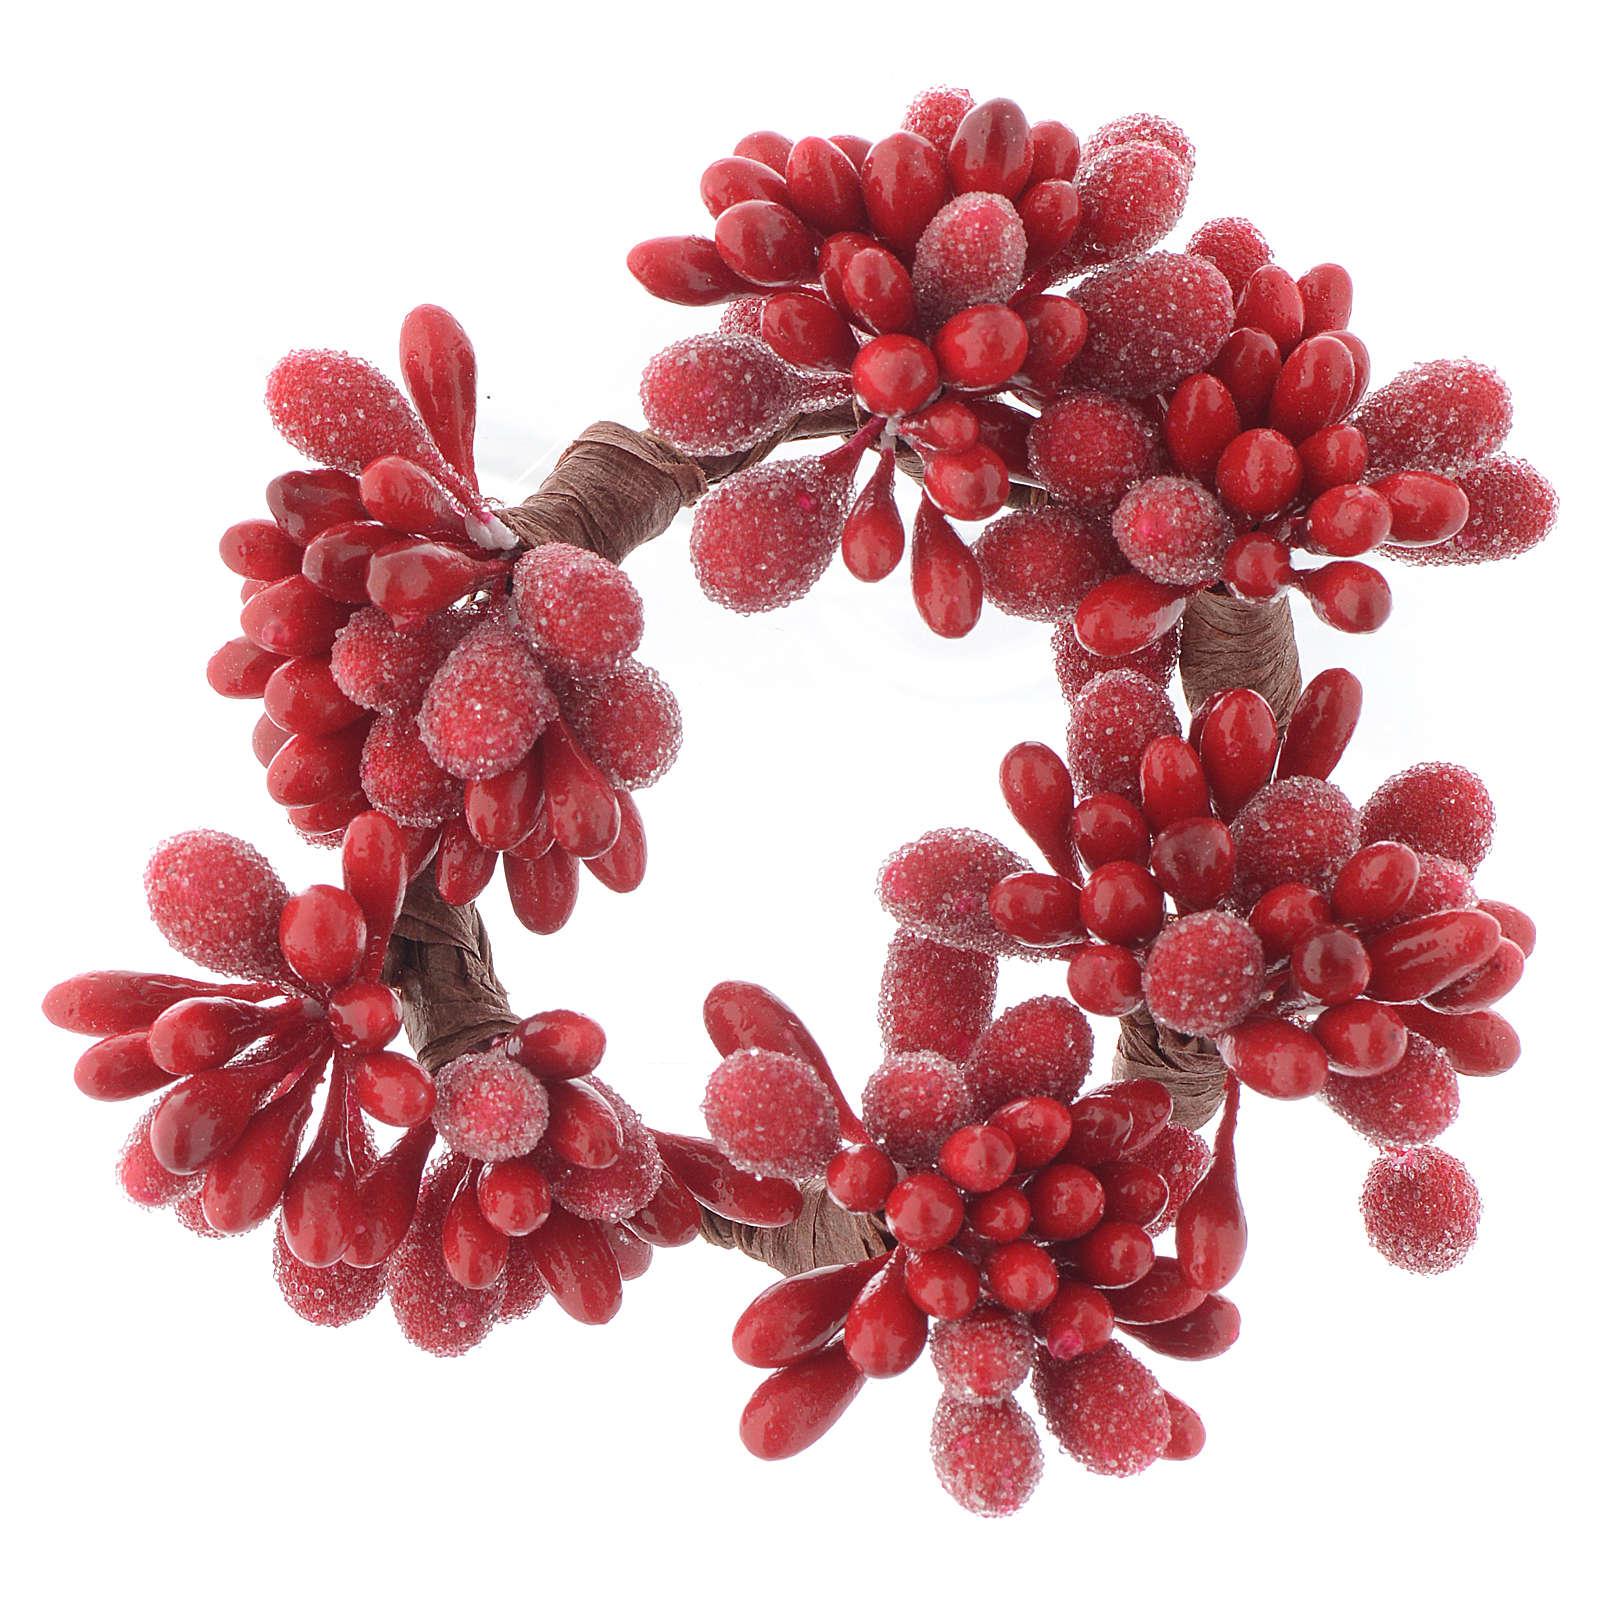 Girocandela di Natale rosso con bacche pigne candele 4 cm 3